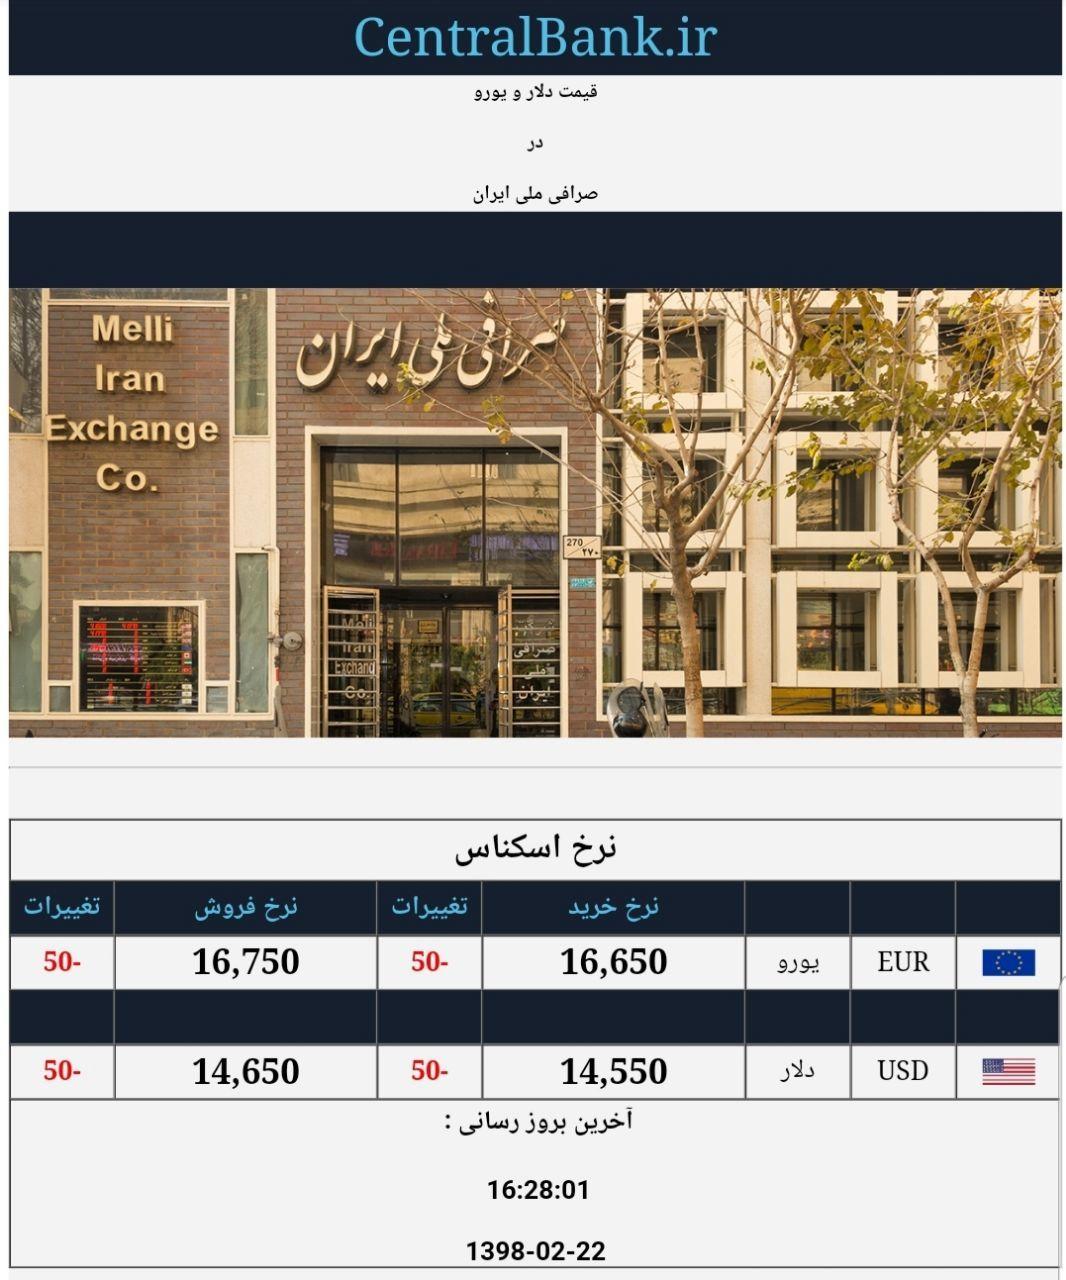 قیمت دلار و یورو در صرافی ملی امروز ۱۳۹۸/۰۲/۲۲